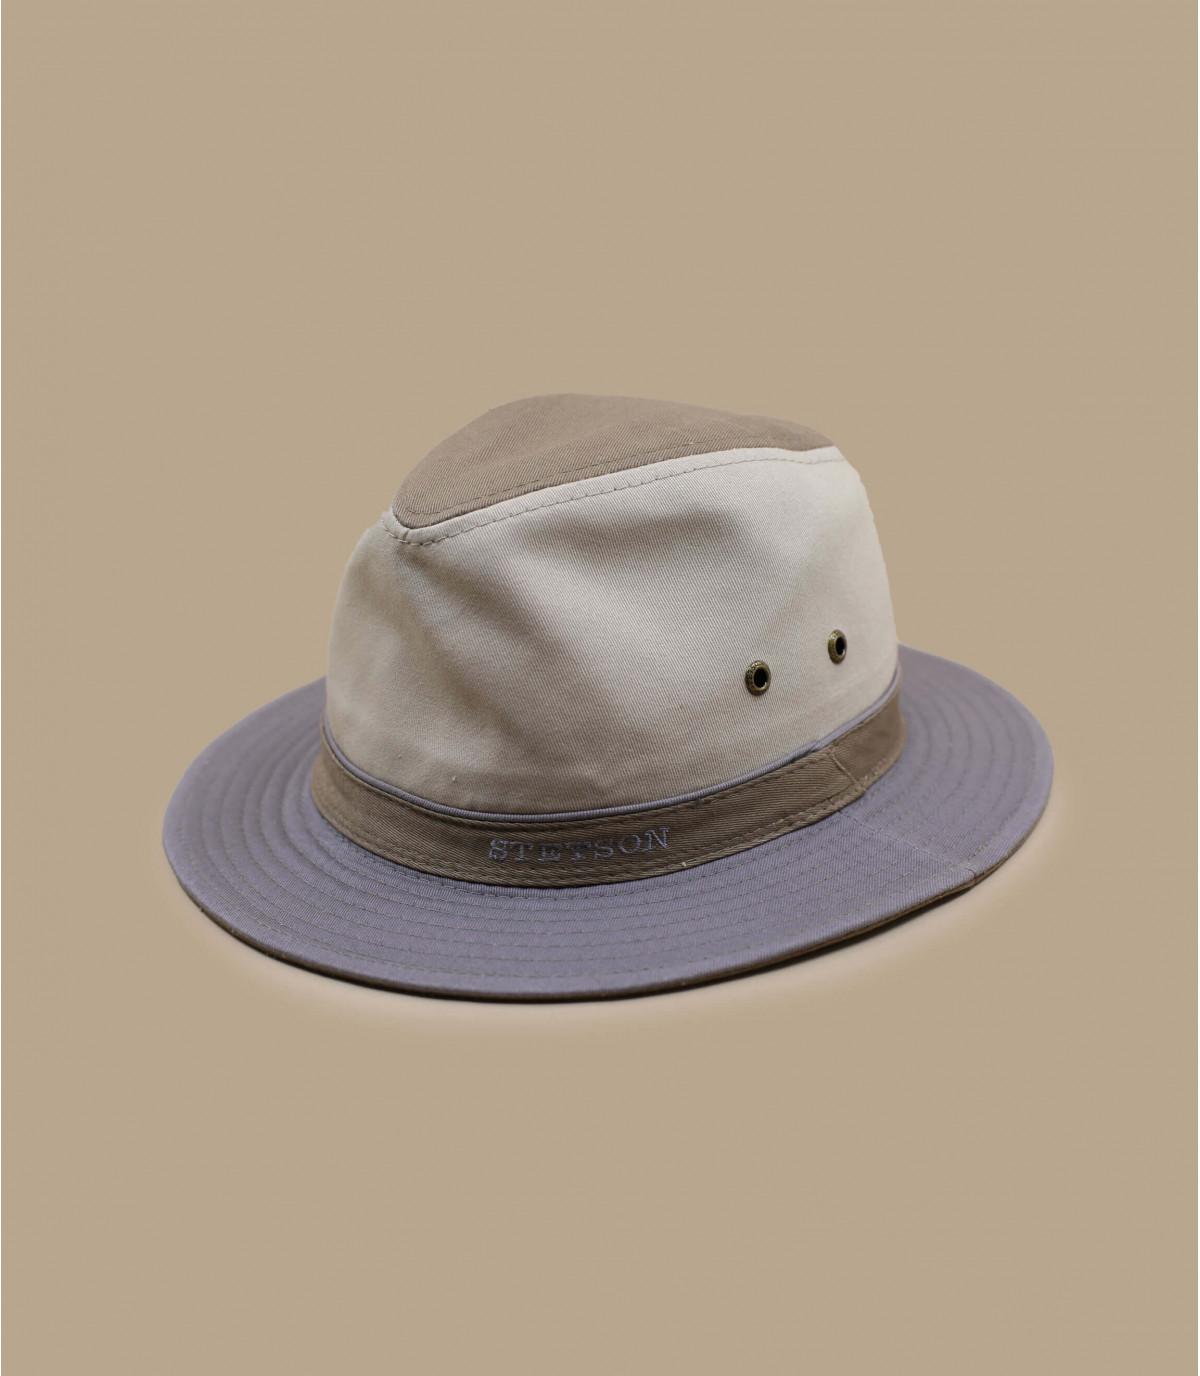 Cappello in cotone Stetson